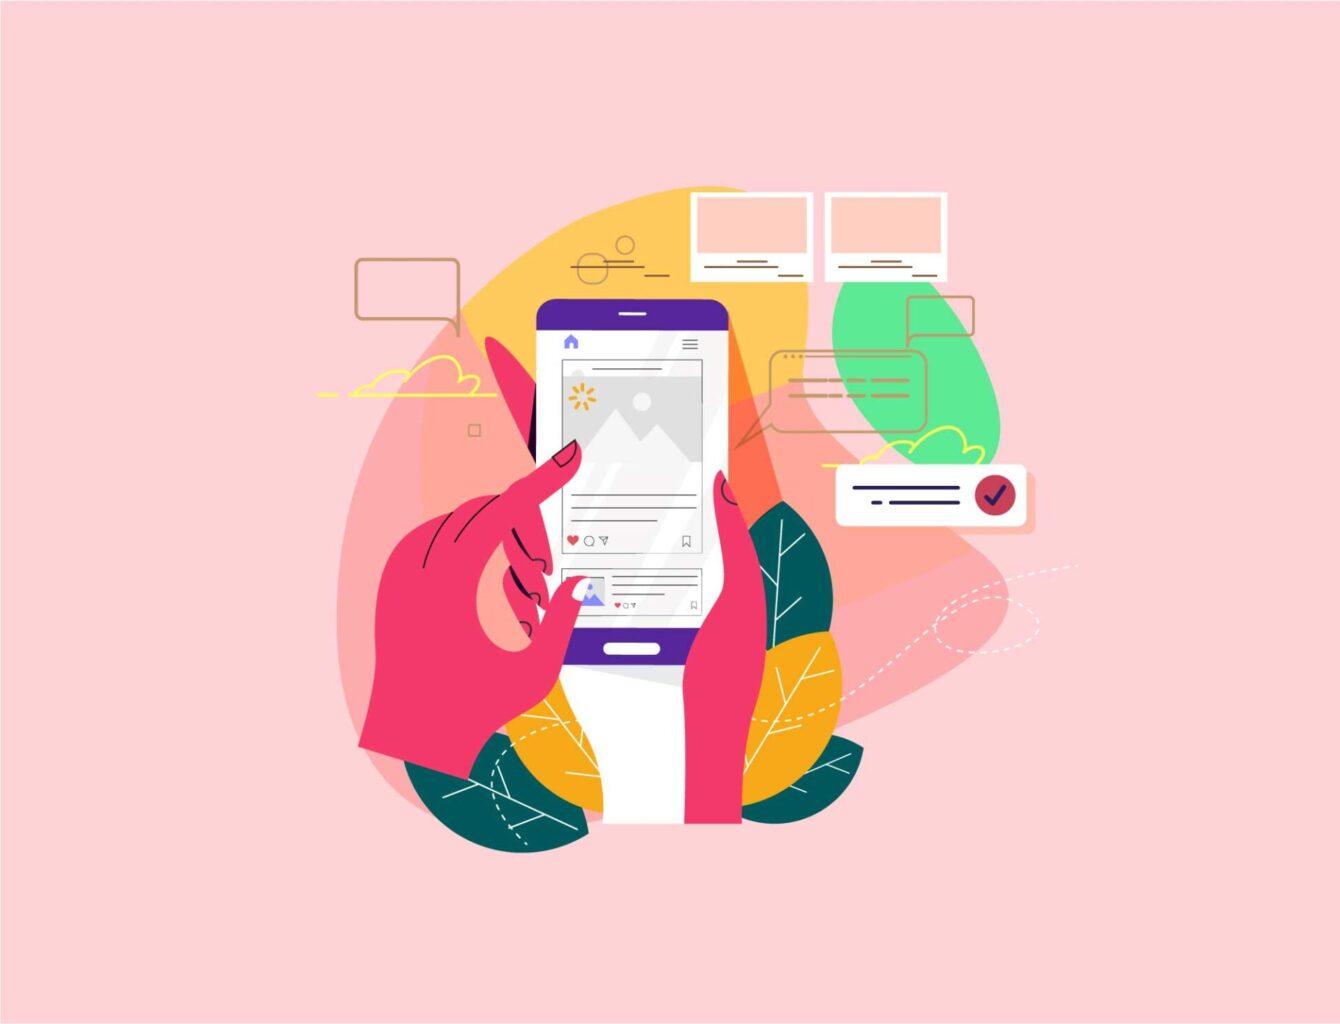 Лучшие приложения для бизнеса, бизнес приложения на смартфон, приложения для организации бизнеса, бесплатный софт для бизнеса